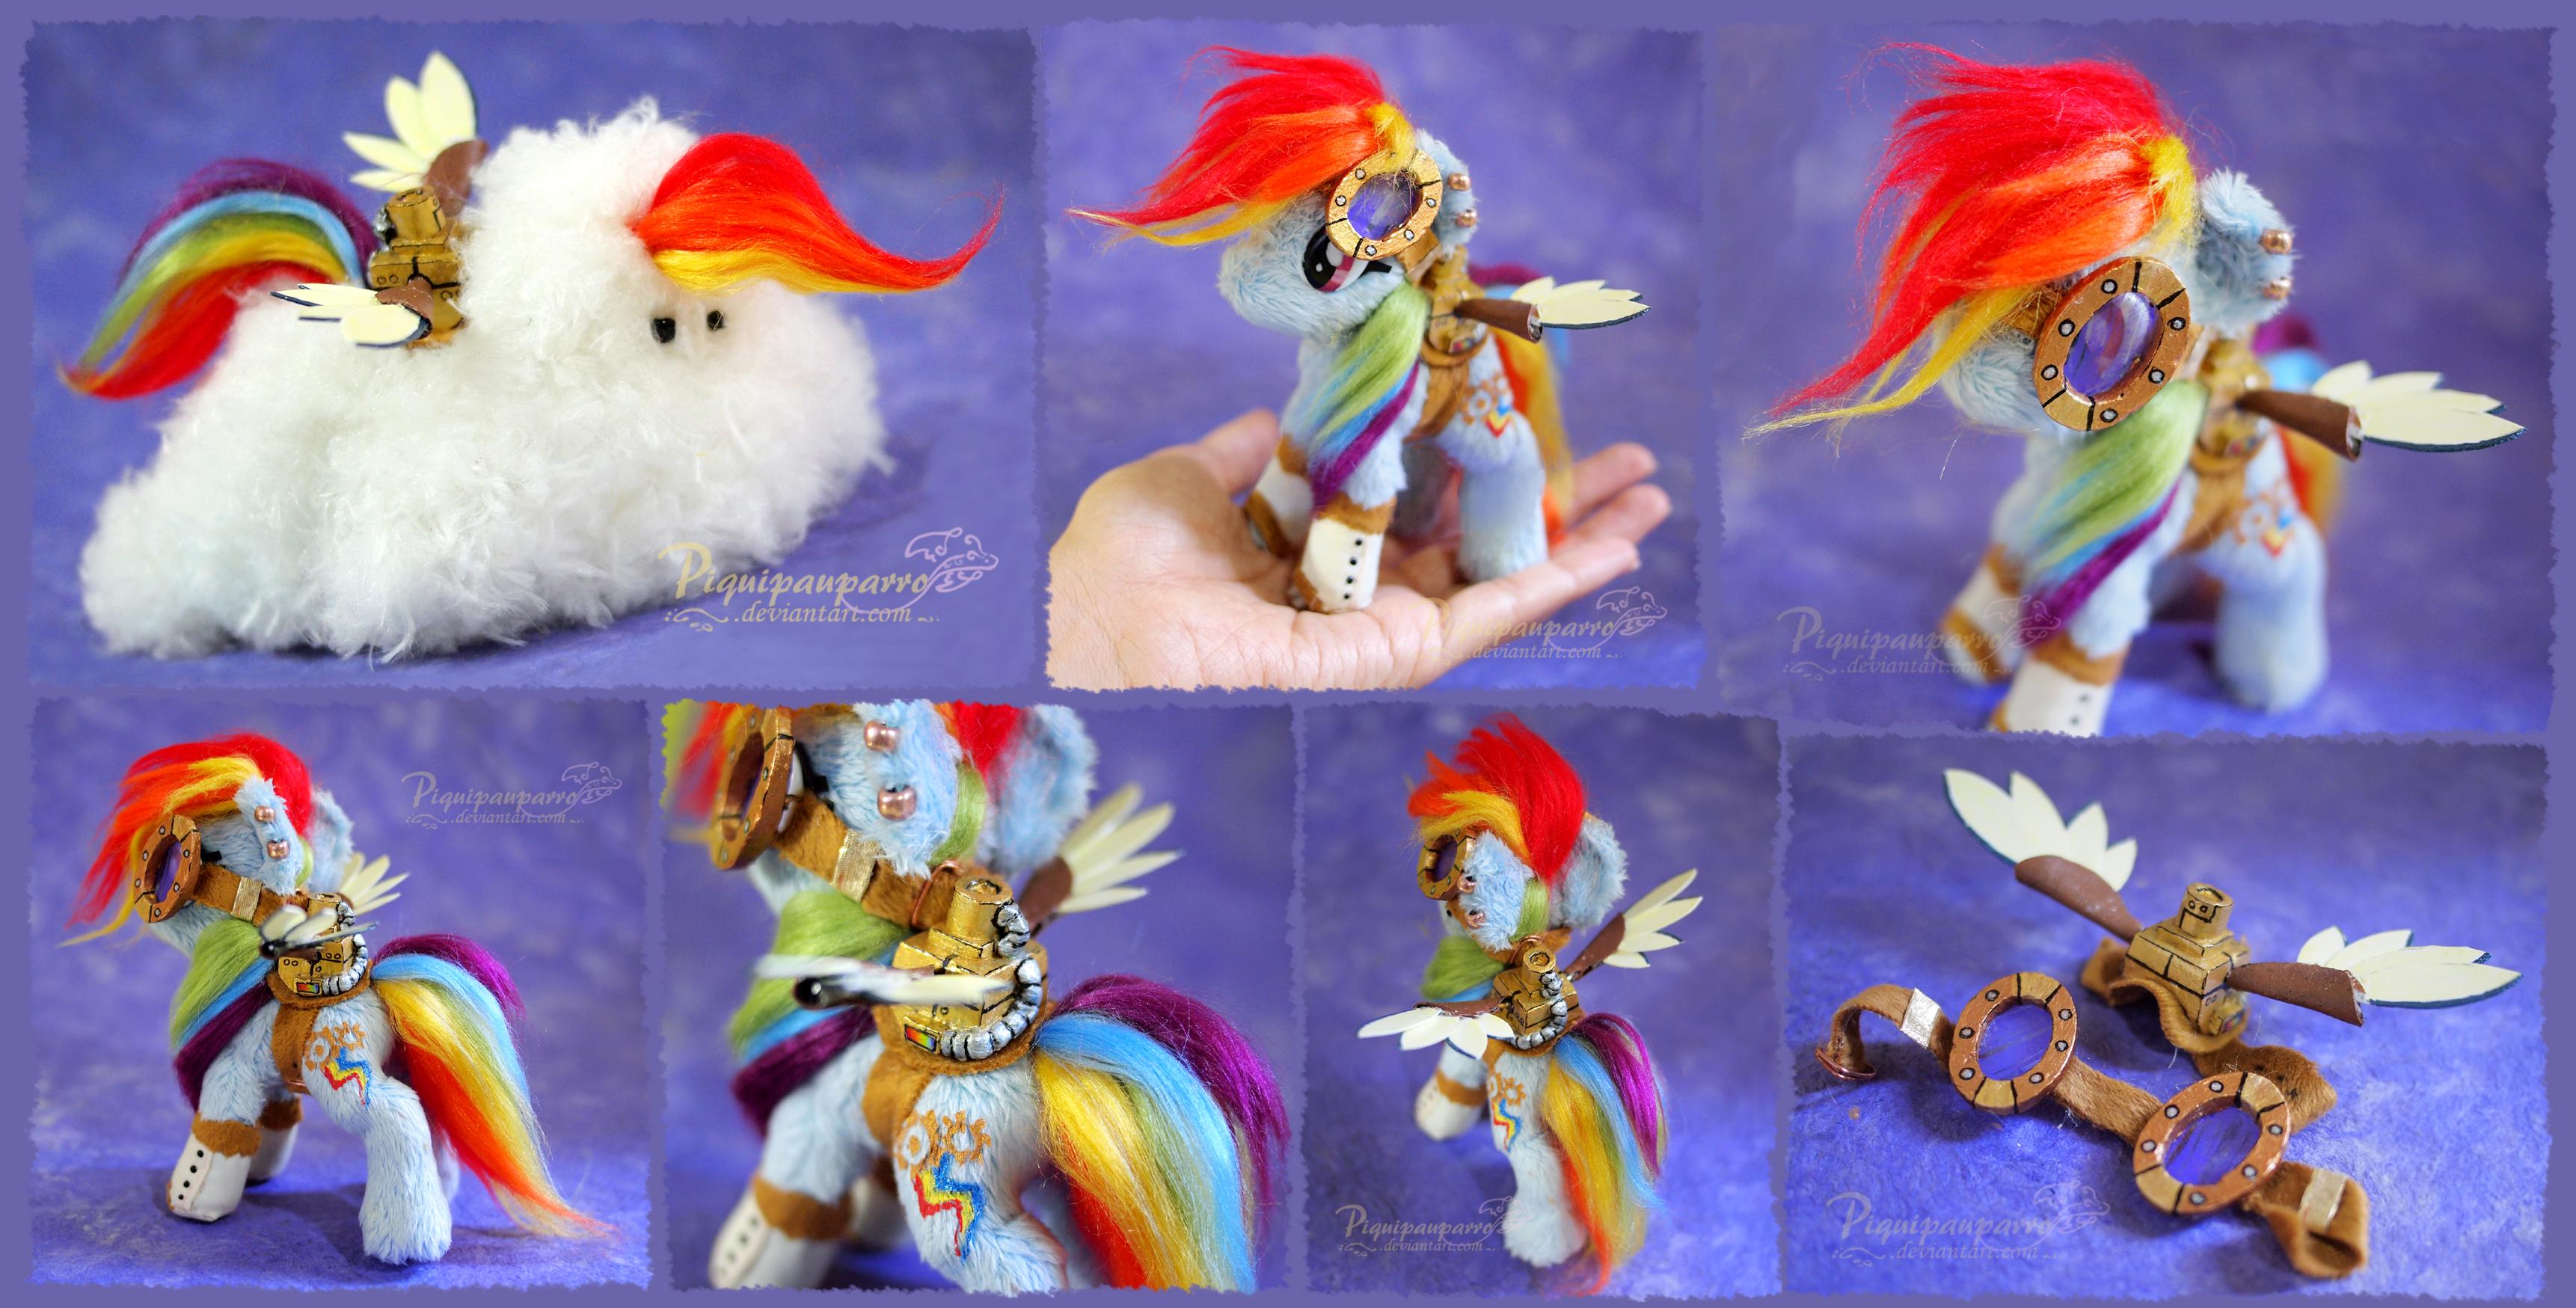 Mini Steampunk Rainbow Dash - Handmade plushie by Piquipauparro